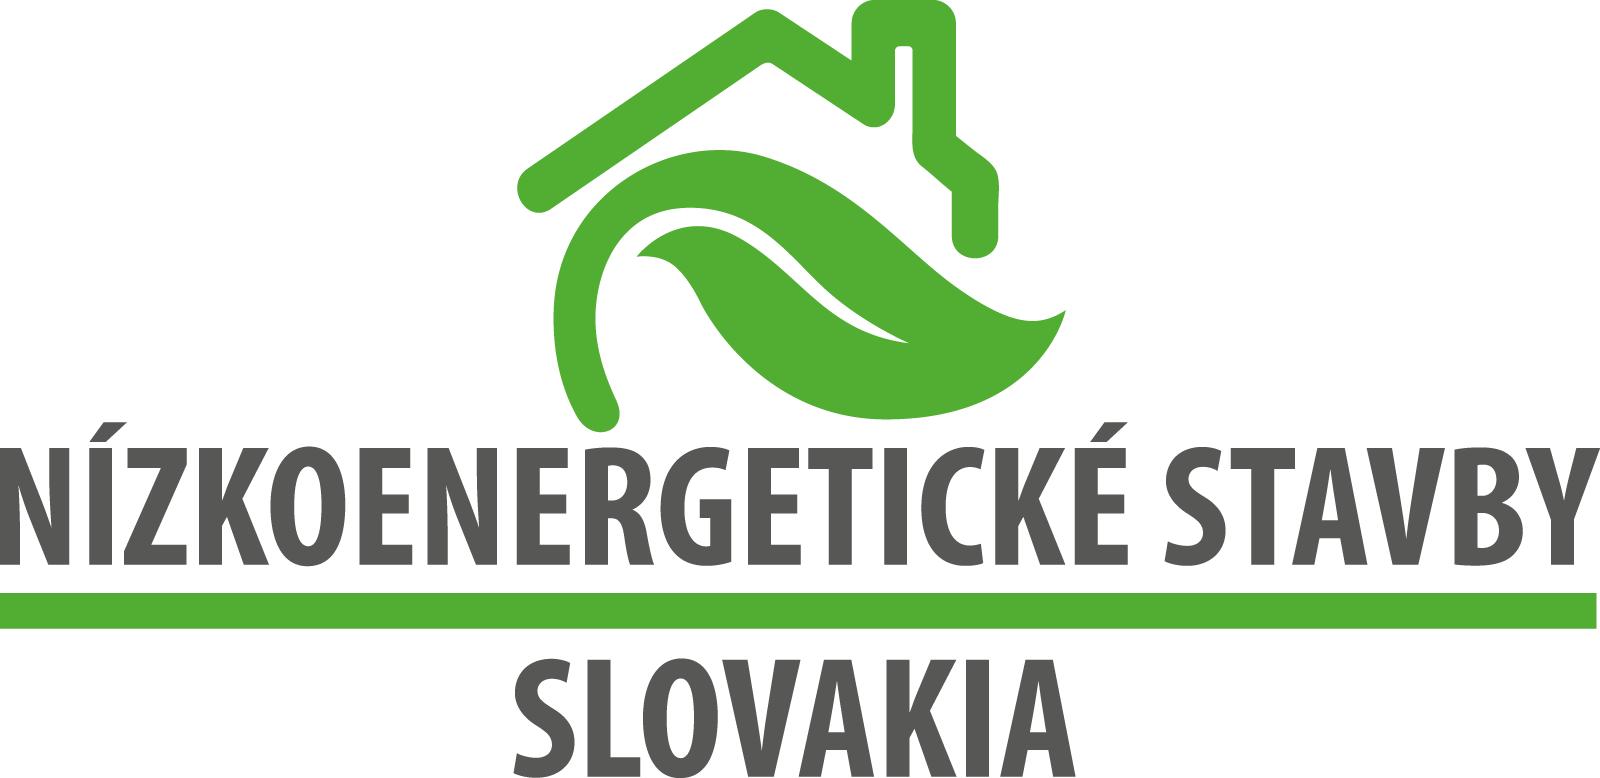 Nízkoenergetické stavby SLOVAKIA